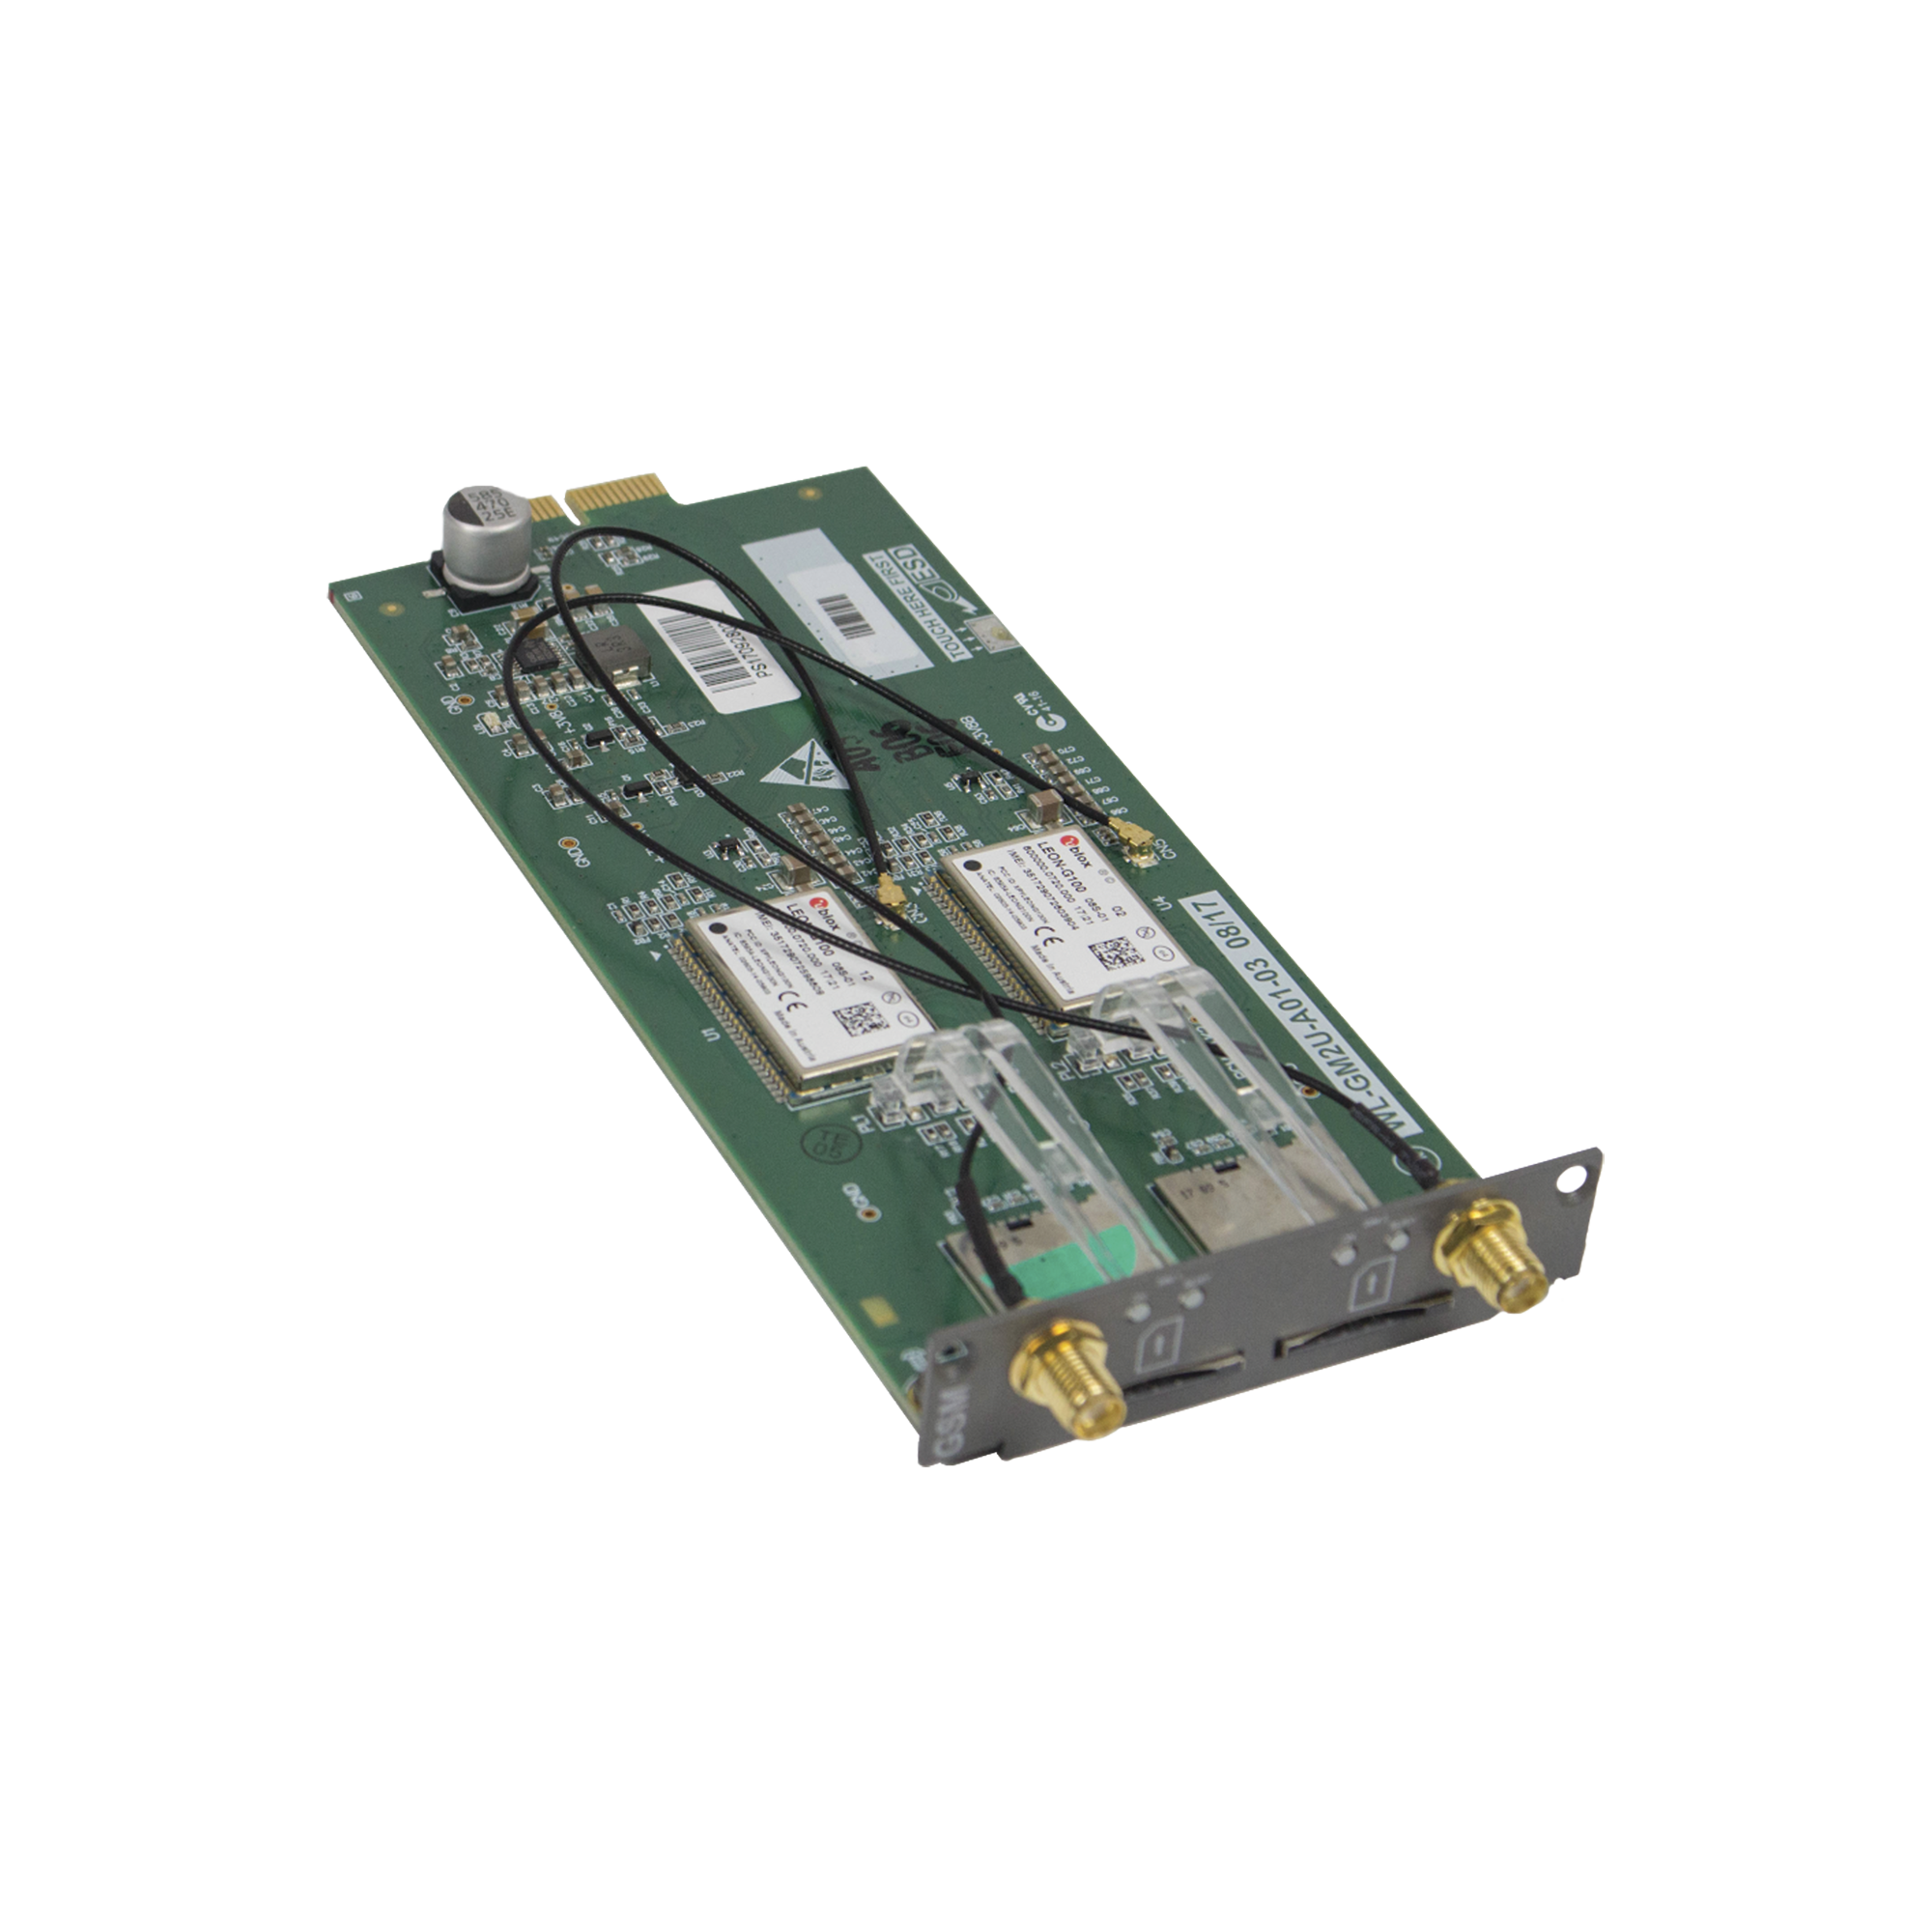 Modulo con 1 canal GSM 3G para UMGSERVER300DY y UMGMODULAR300